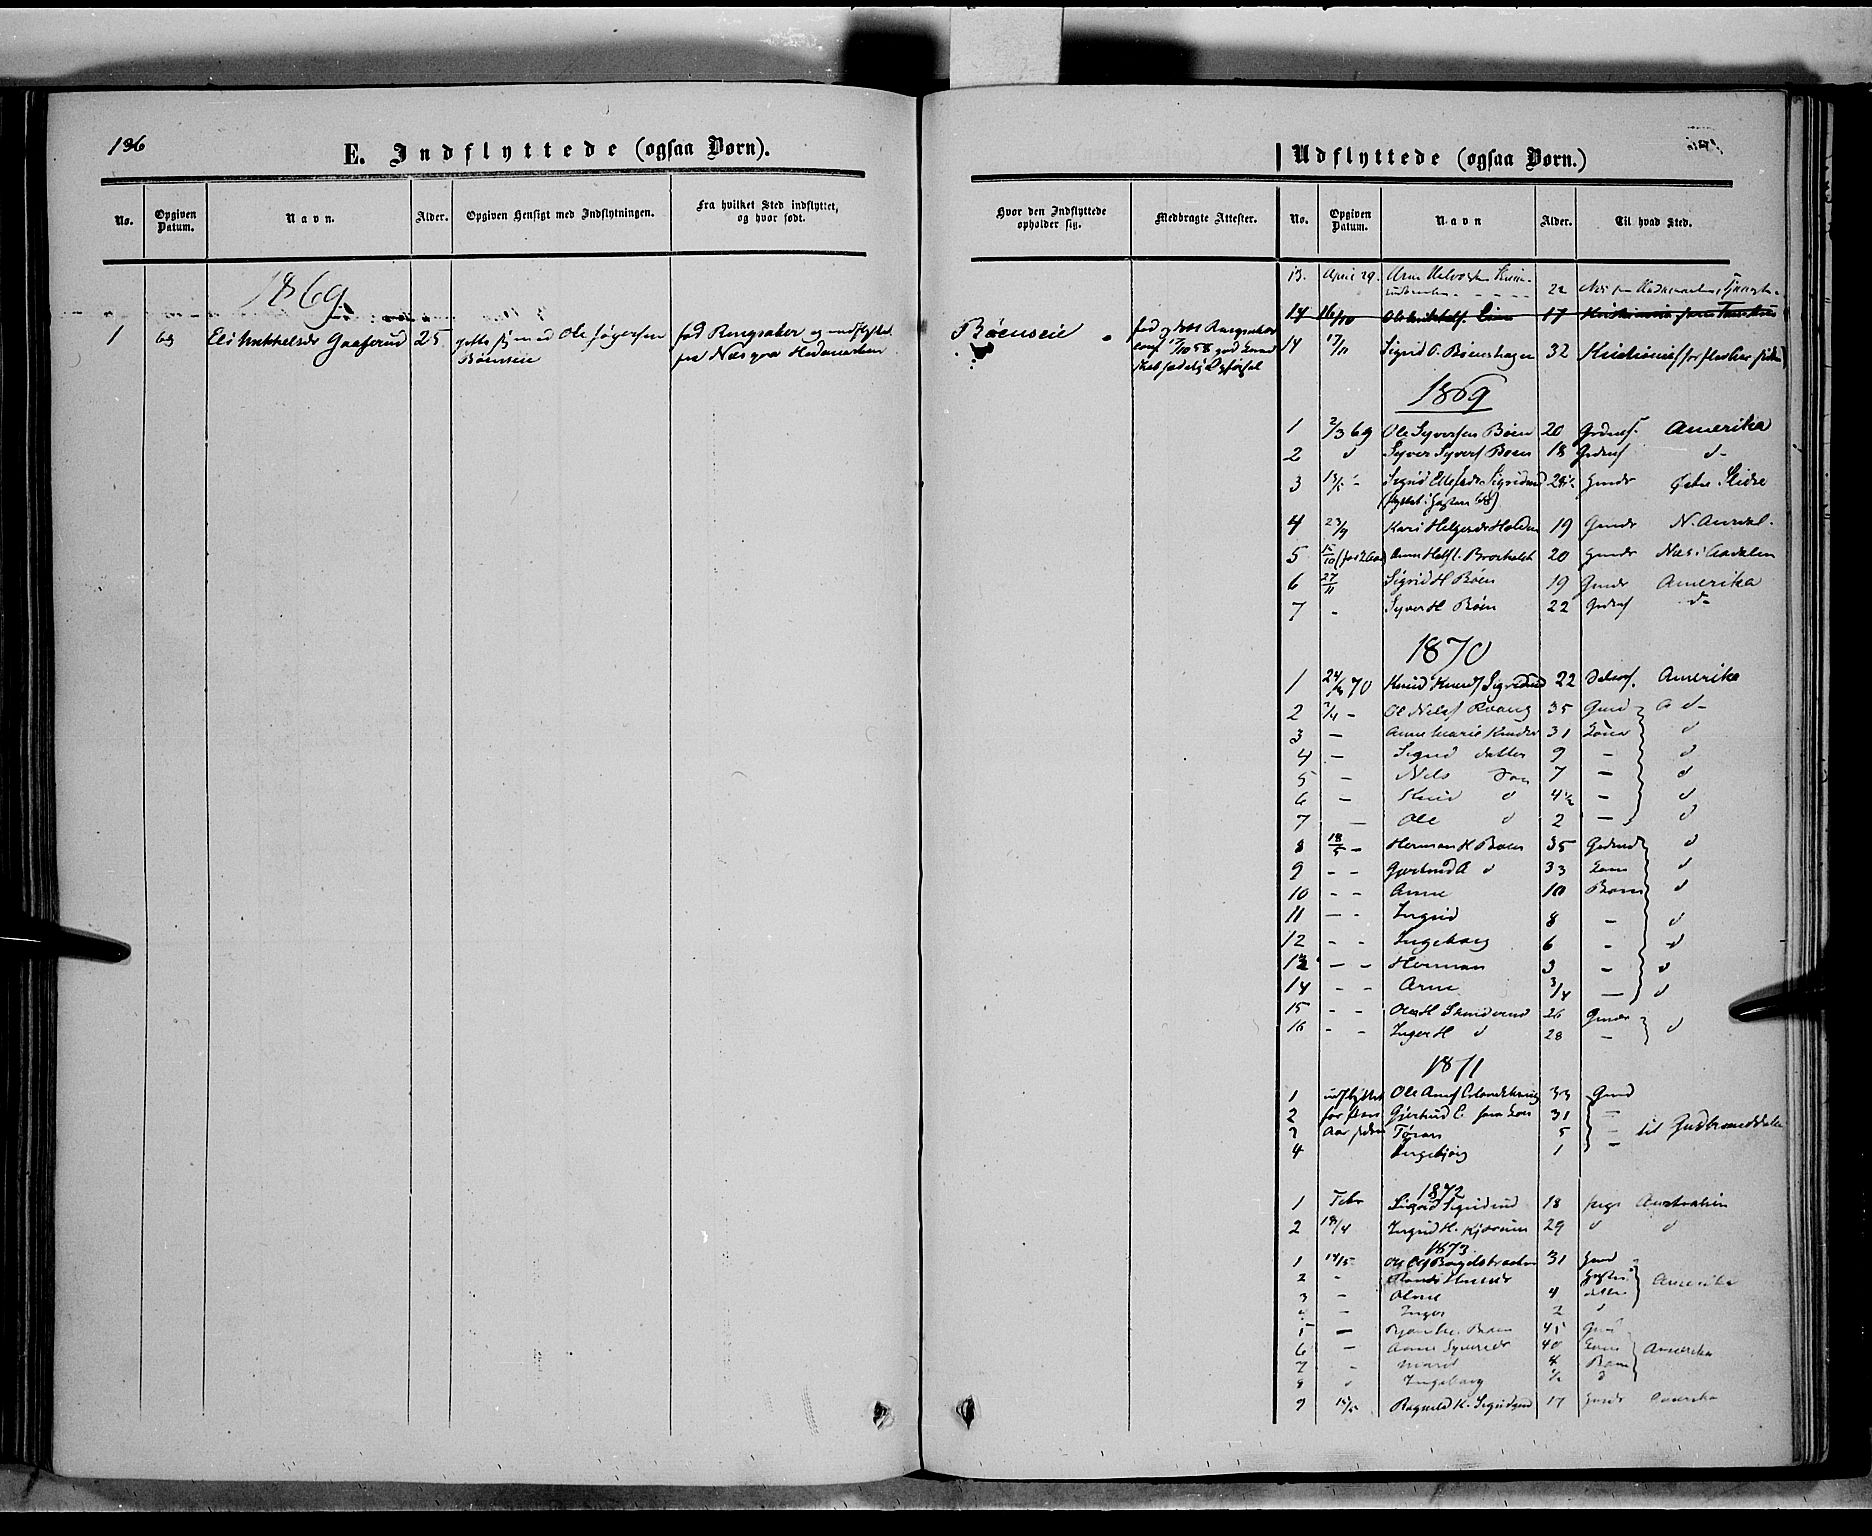 SAH, Sør-Aurdal prestekontor, Ministerialbok nr. 6, 1849-1876, s. 136